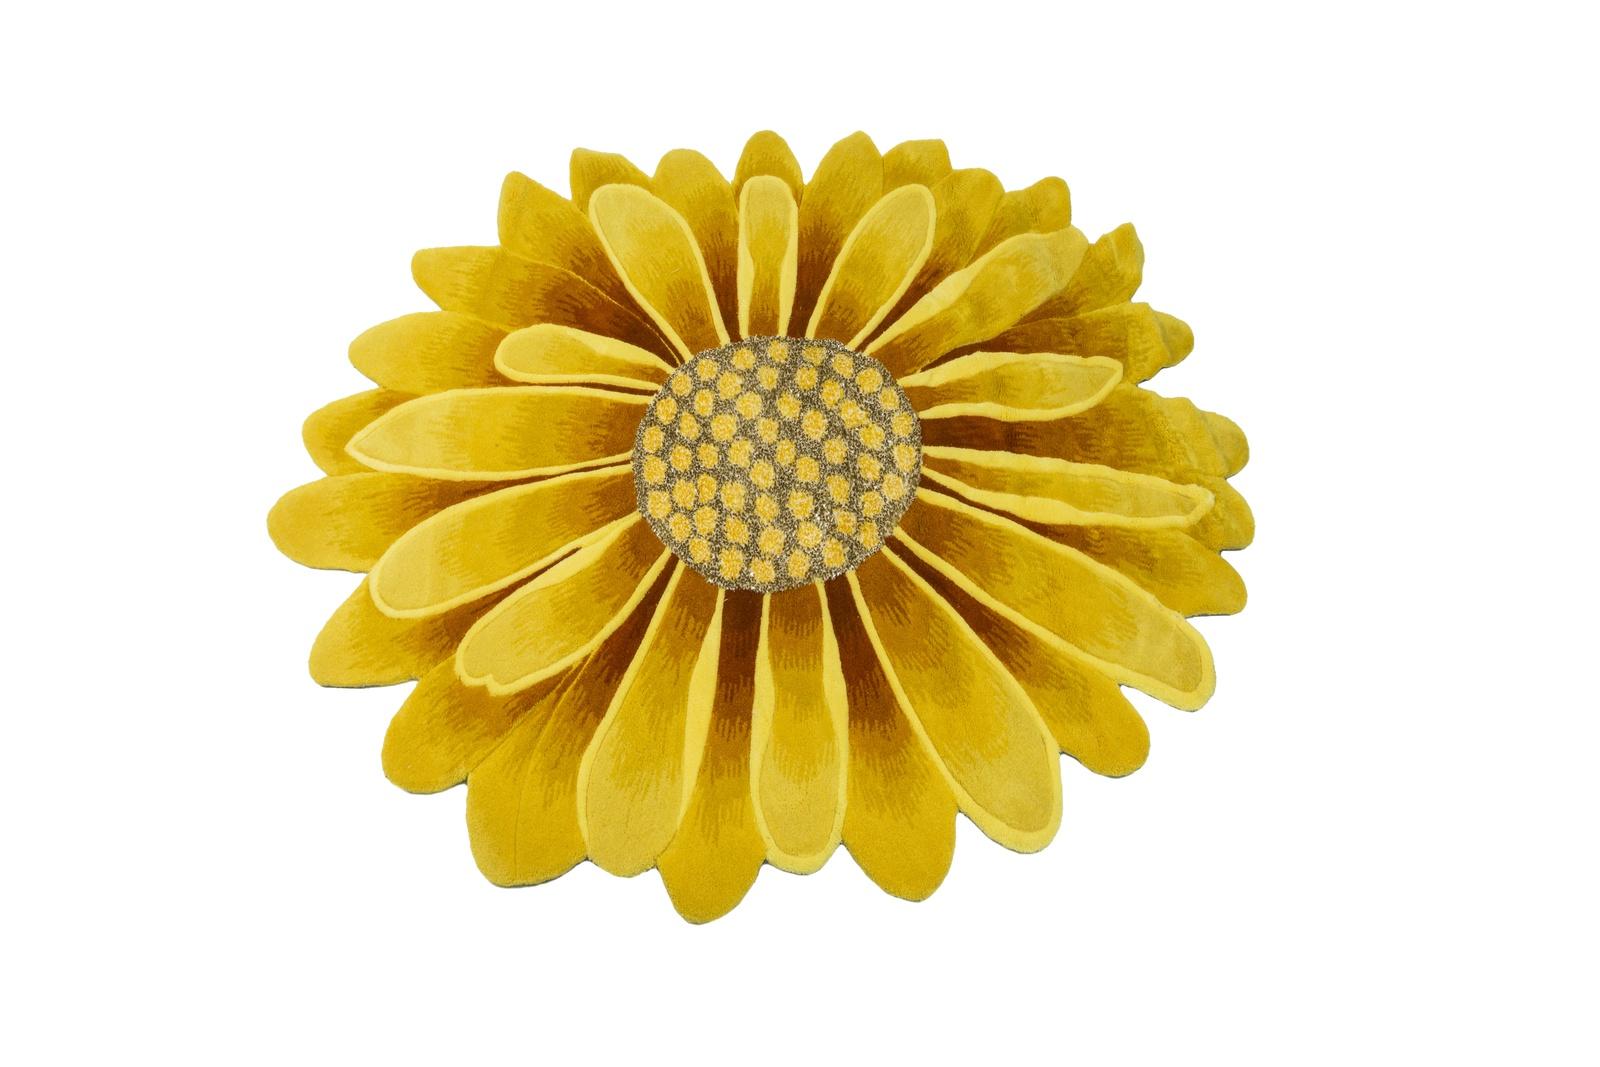 Ковер MADONNA 1,2х1,2 м /фигурный, желтый4690317083122Ковер – полотно, которое чаще представлено в виде прямоугольника, квадрата, круга или овала. Оно может быть маленьким, умеренного размера или габаритным. Некоторые формы и вовсе креативны и имеют край в виде фестонов, полукругов, зигзагов, волн. Иногда ковры выполнены в виде цветов или силуэта шкуры животного. Они не имеют излишне вытянутой формы, практически всегда широкие, отличаются богатым выбором колоритной расцветки с добавлением оригинального узора или не имеют его вовсе. Данное ковровое изделие высотой ворса 14 мм., плотностью набивки 400000 узлов/м2, весом 2900 гр/м2 отличается прочностью и долговечностью. Изготовлено оно из материала АКРИЛ 100% на основе Джут ткан. Акрил имитирует почти все свойства шерсти, т.е. является ее синтетическим аналогом. Кроме того, данный материал более упругий и более дешевый. Сейчас в производстве ковров акрил только добавляют к другим волокнам, самостоятельно его не используют.